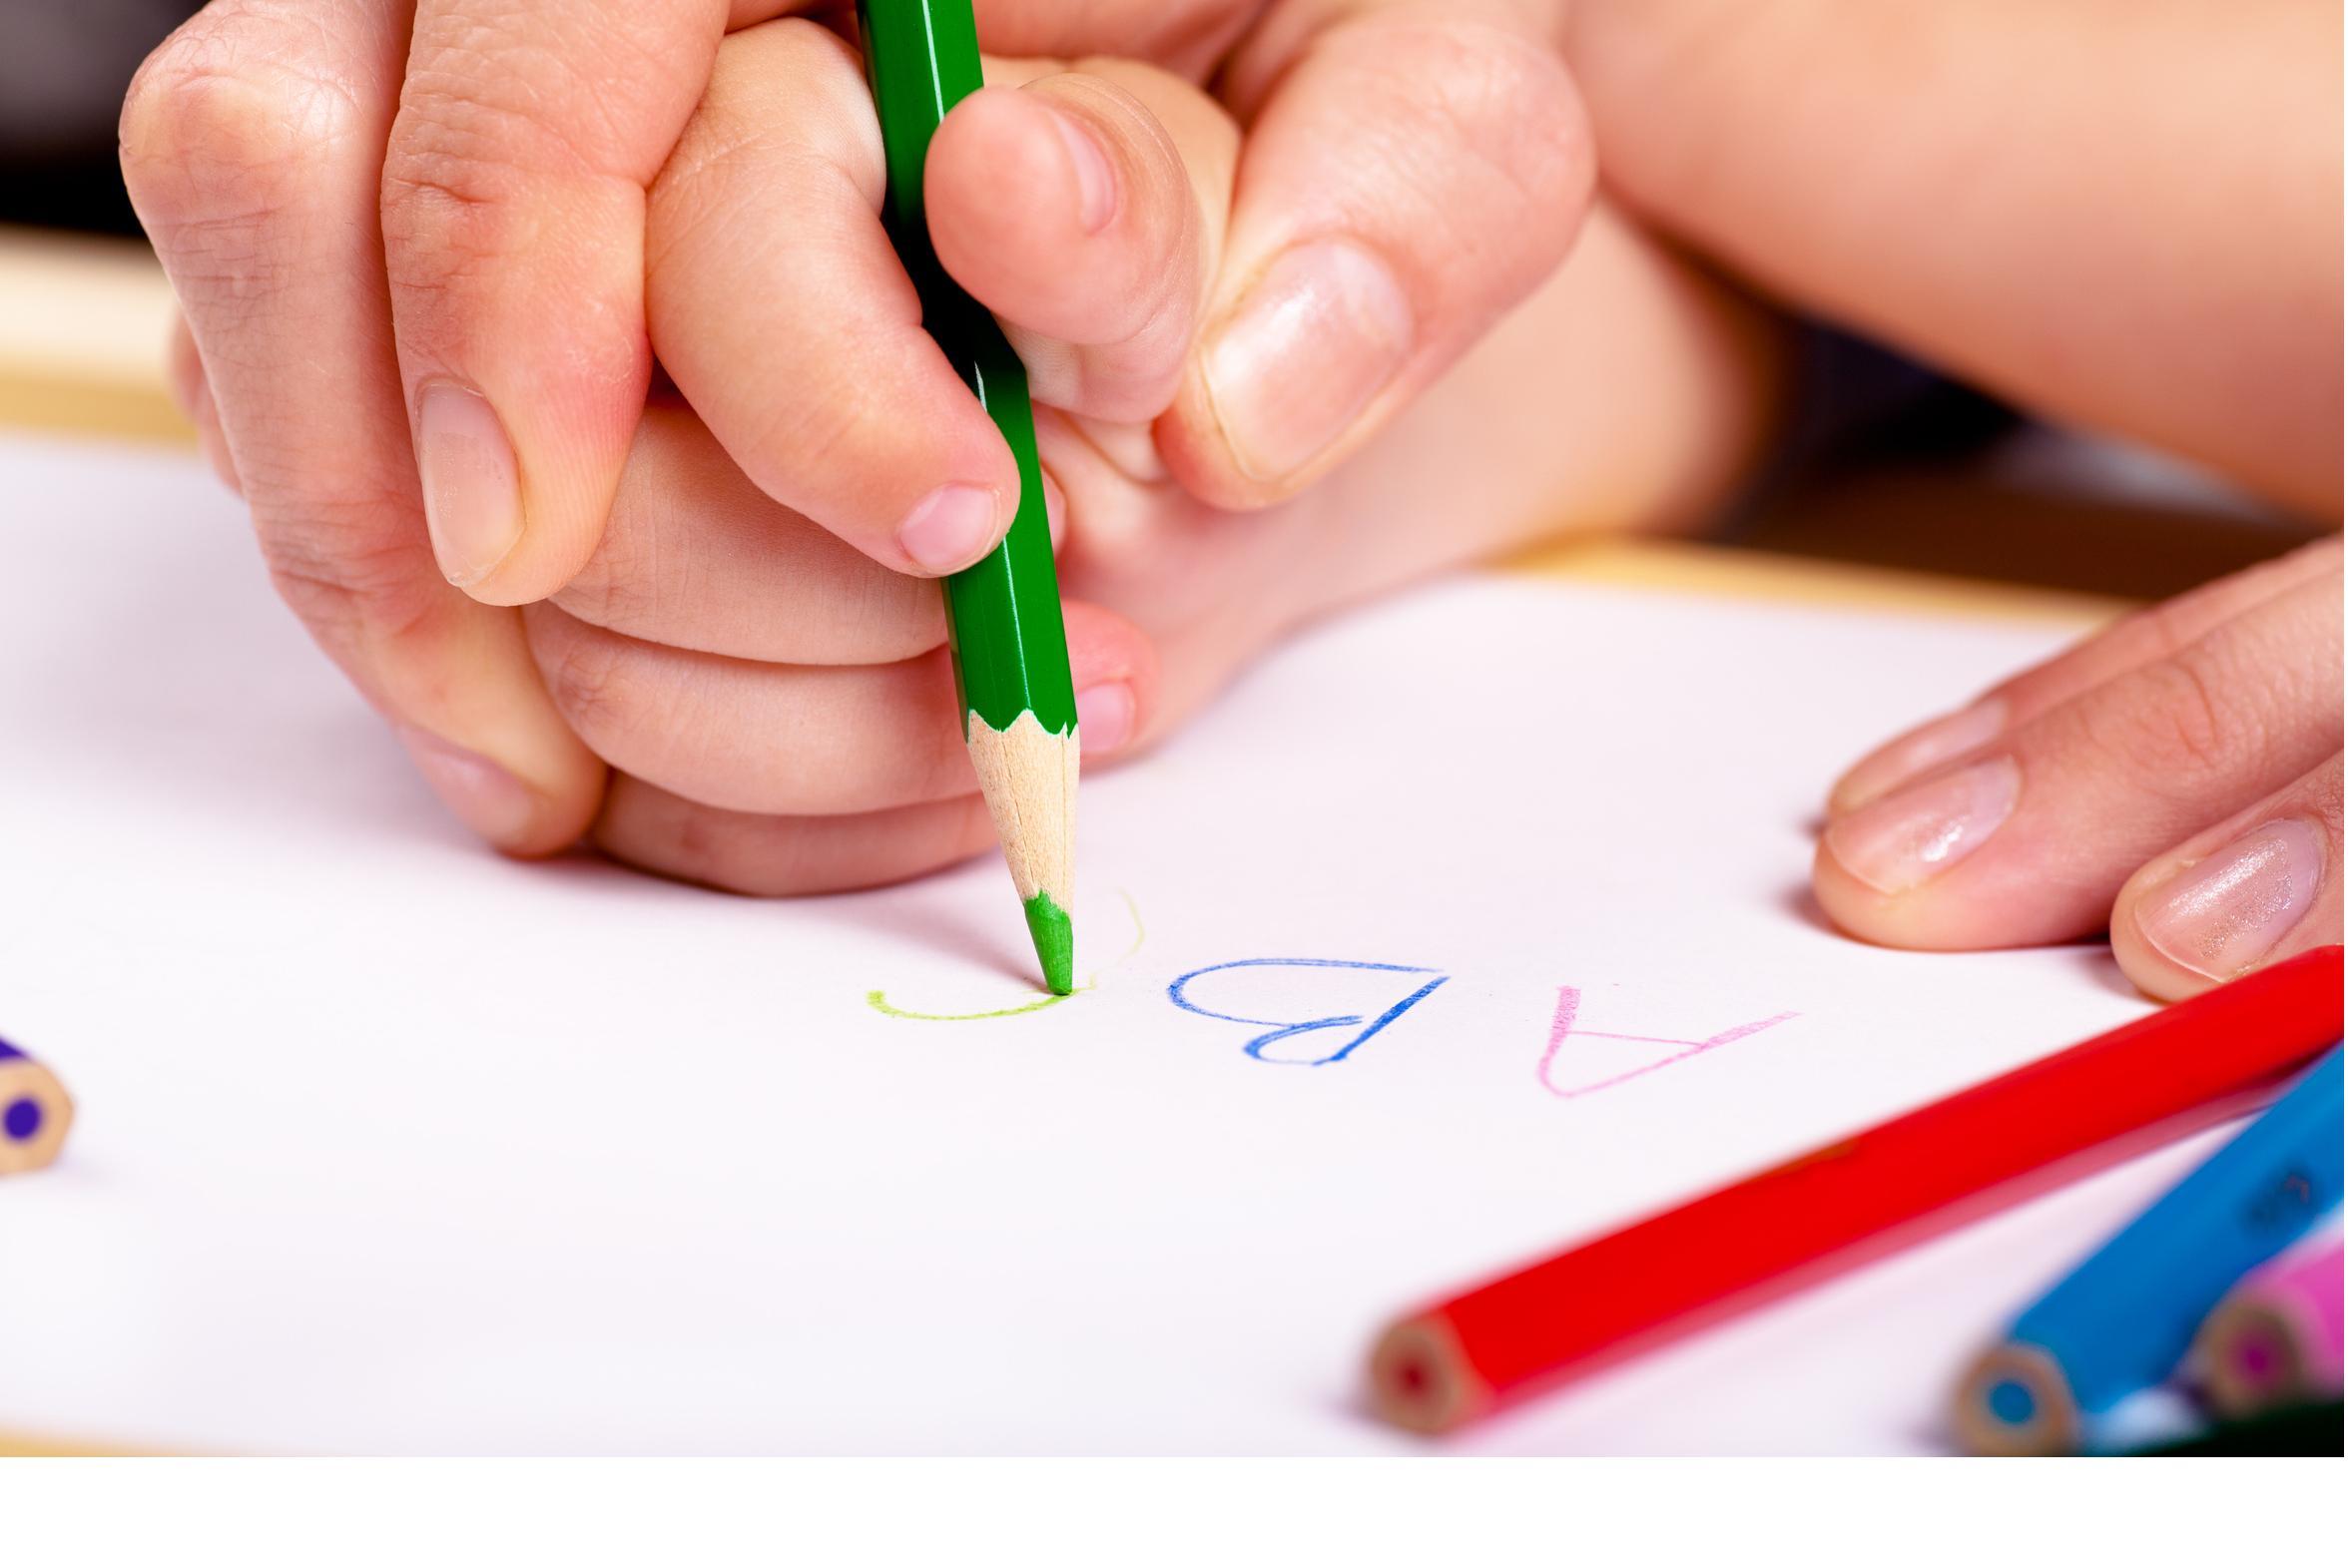 Τι πρέπει να έχει κατακτήσει ένα παιδί πριν τη γραφή?